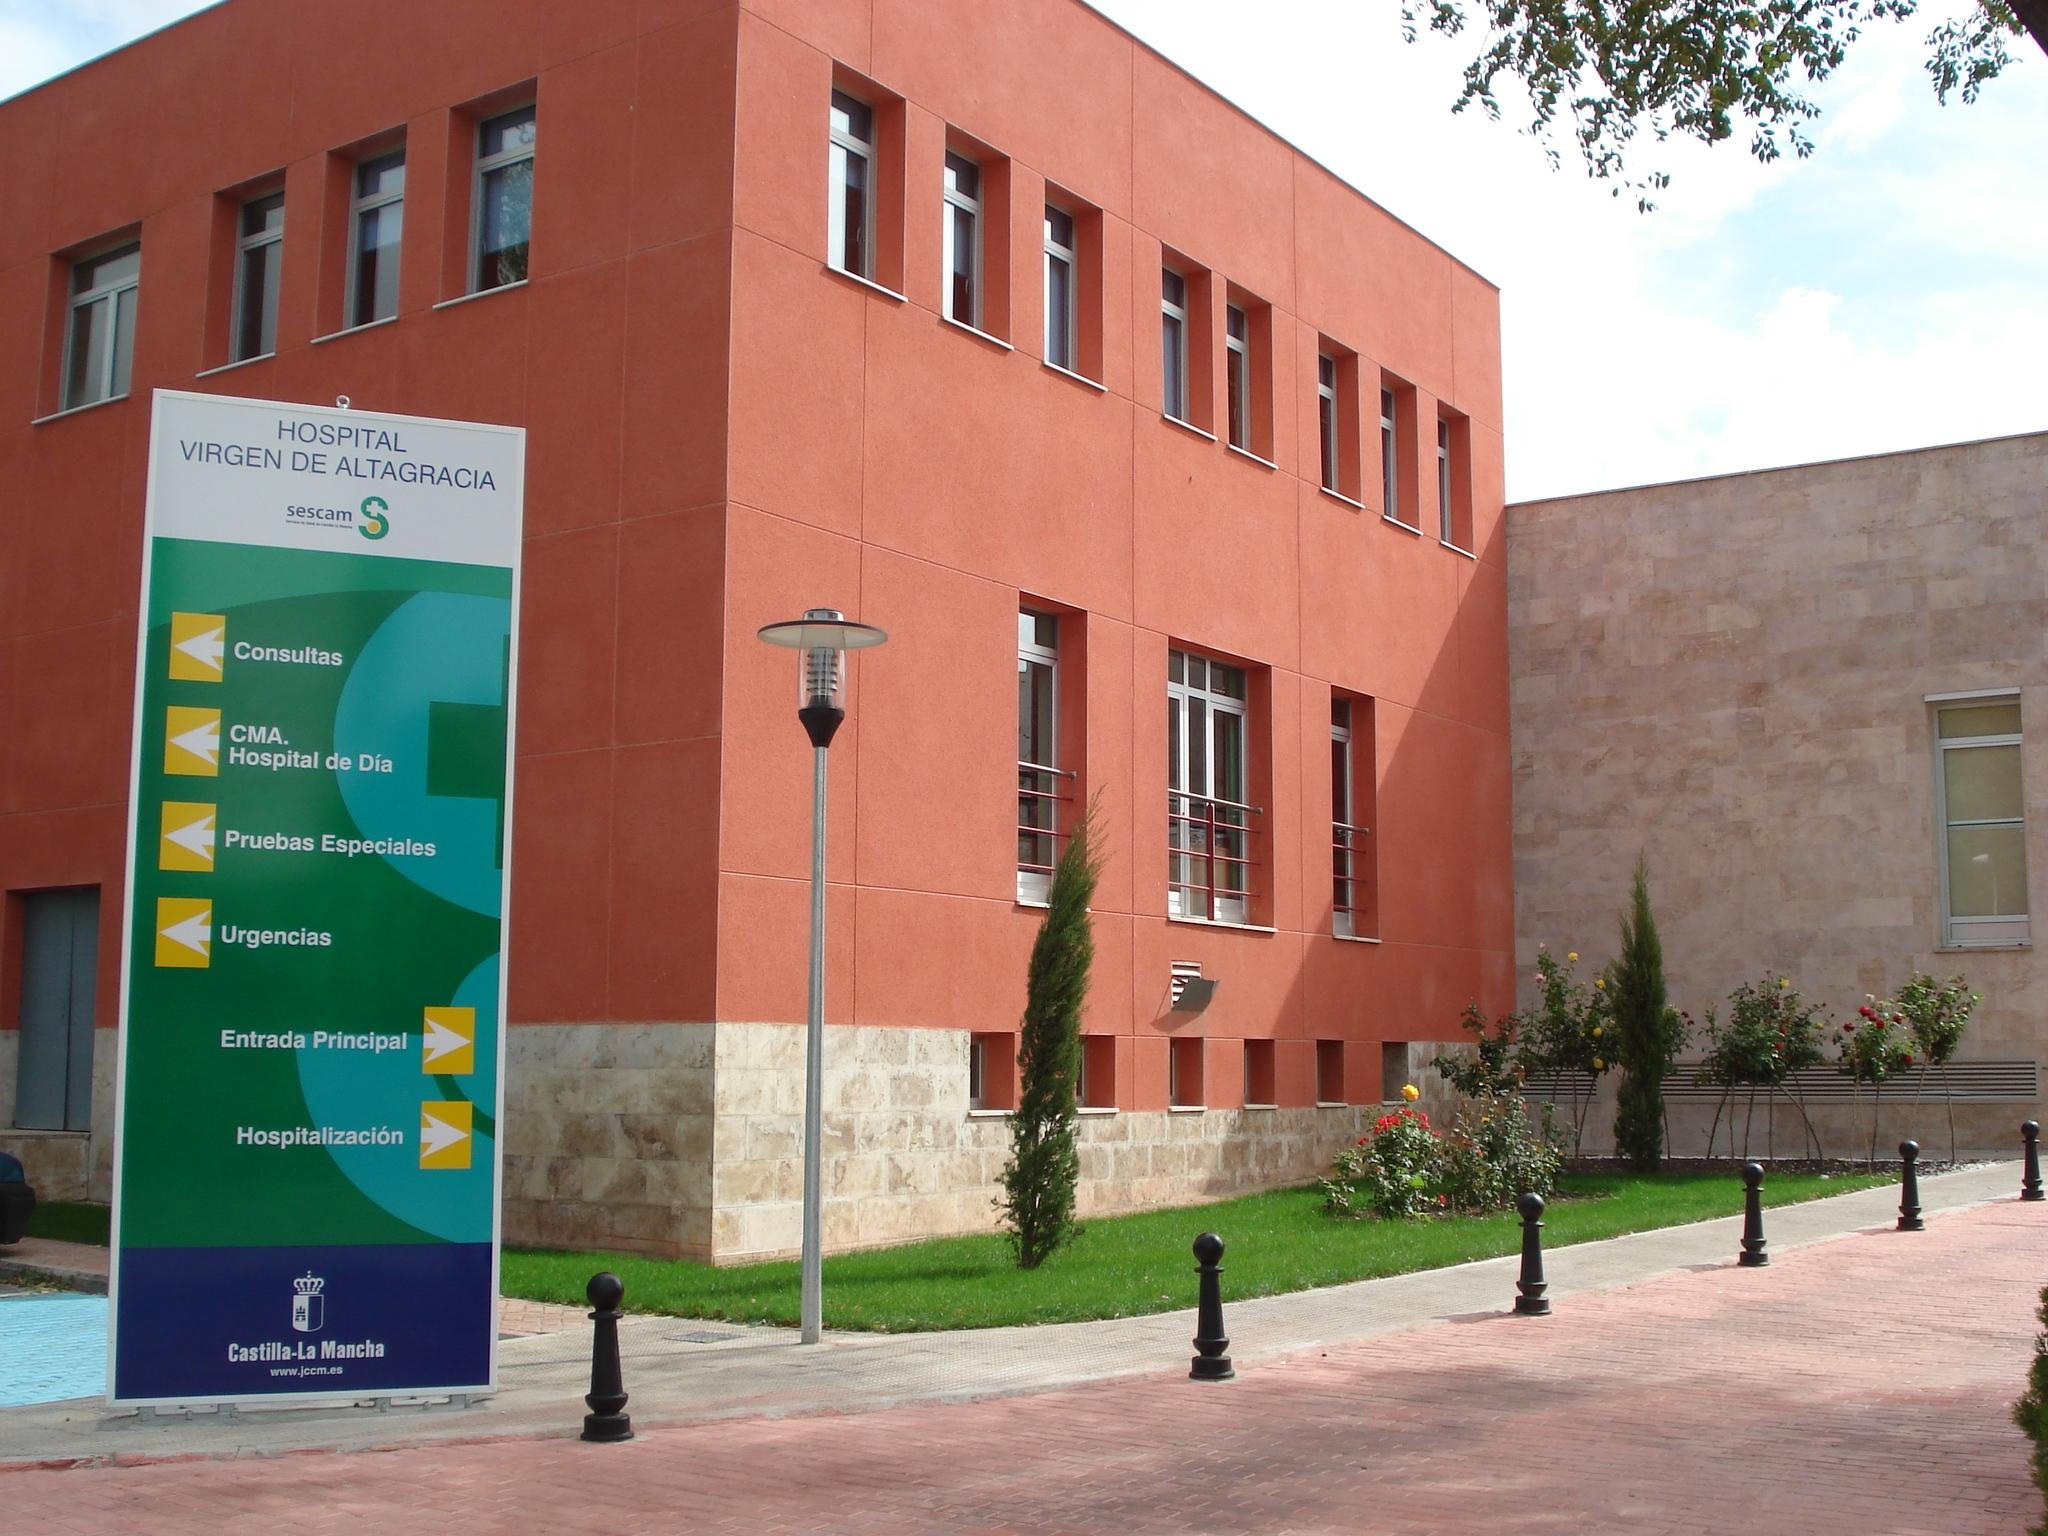 Hospital Virgen de Altagracia de Manzanares (Ciudad Real).